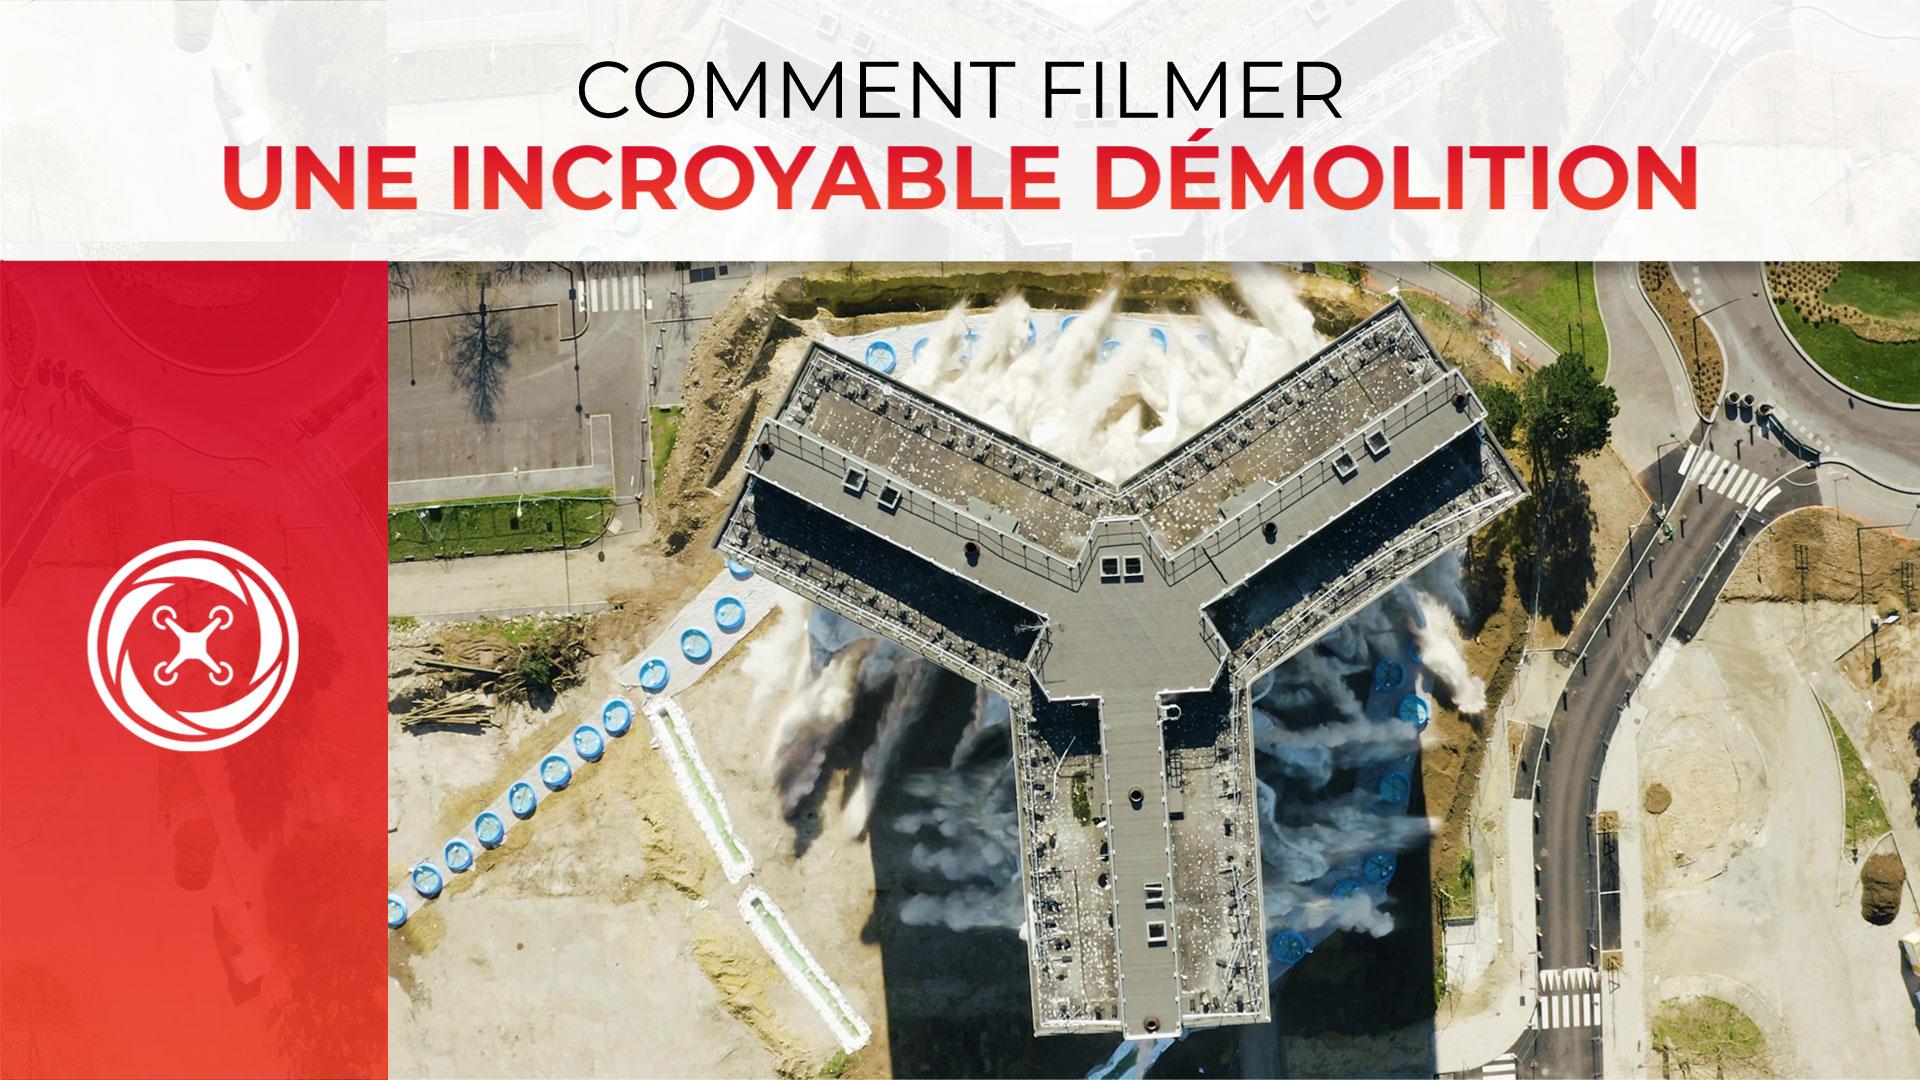 Une Incroyable démolition – L'outil indispensable c'est quoi?